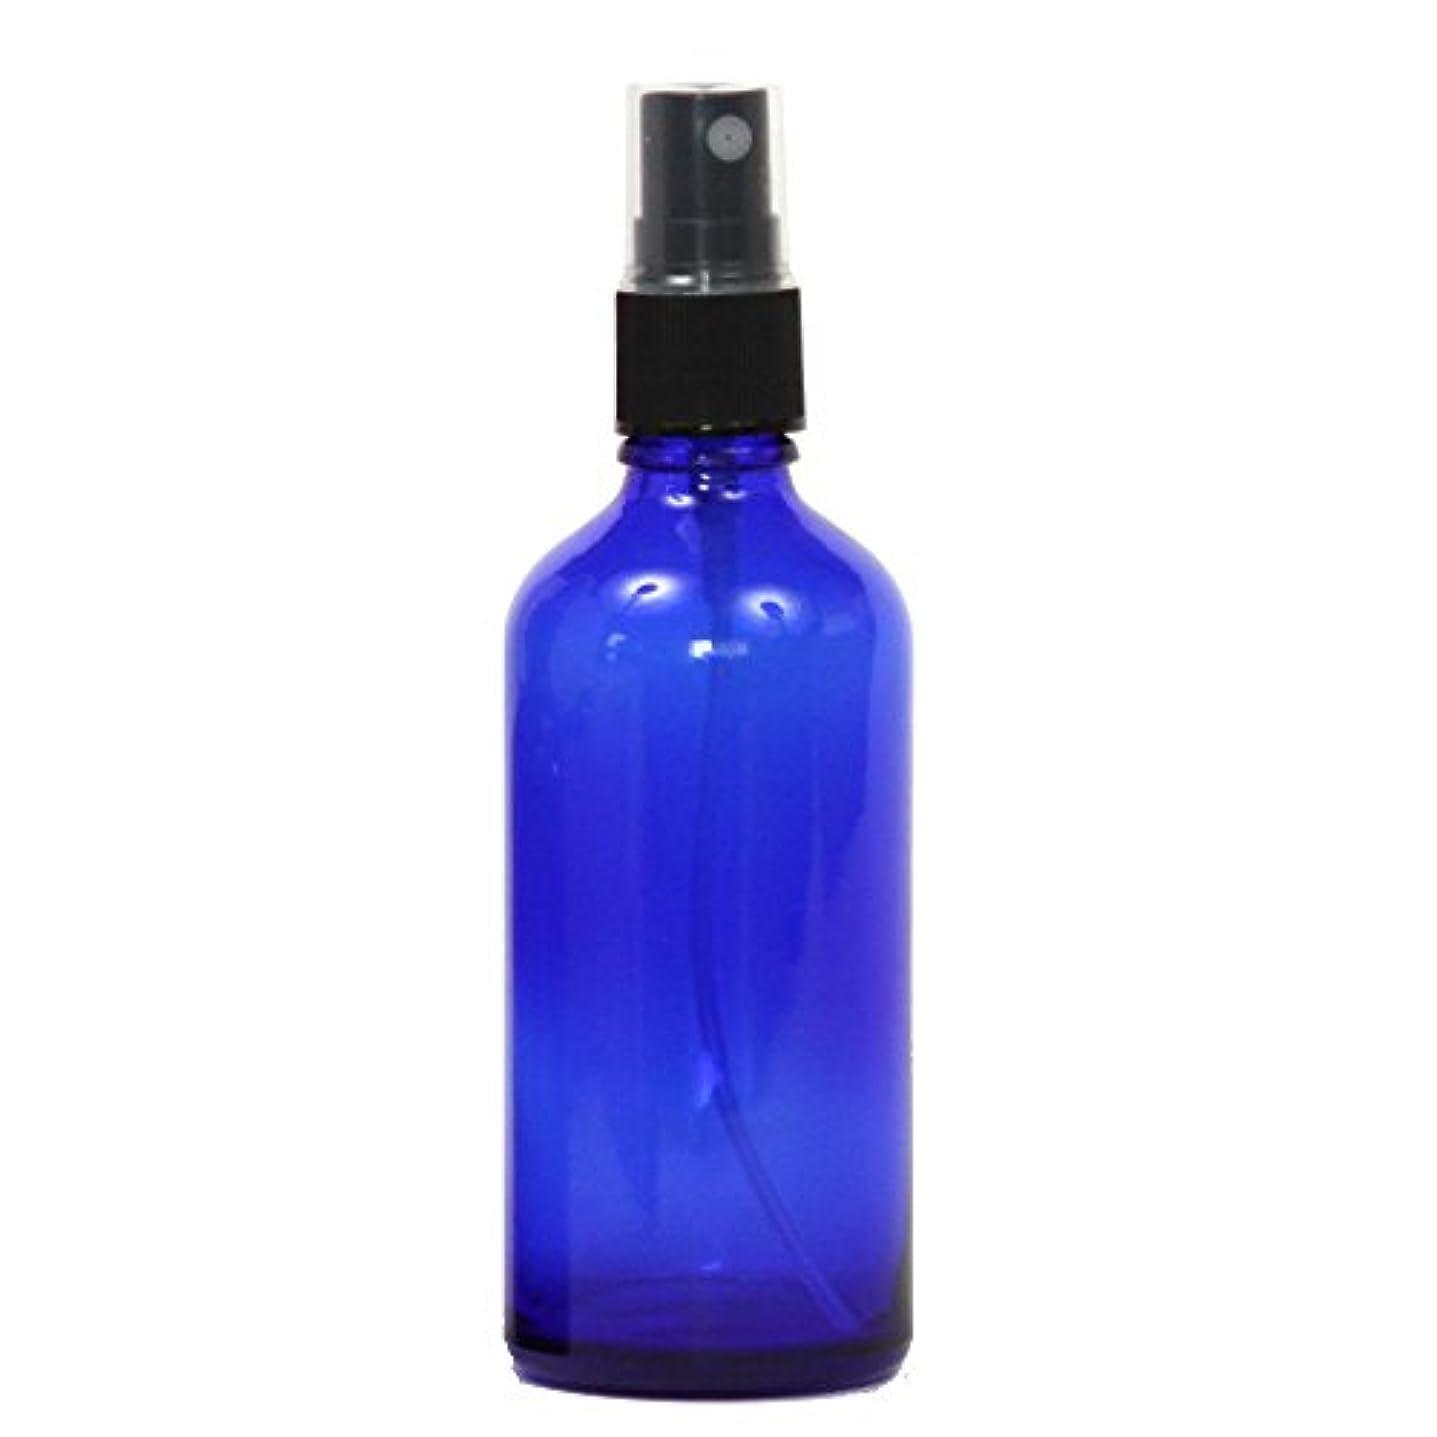 チャールズキージング肺連帯スプレーボトル ガラス瓶 100mL 【コバルト 青色】 遮光性 ブルーガラスアトマイザー 空容器bu100g